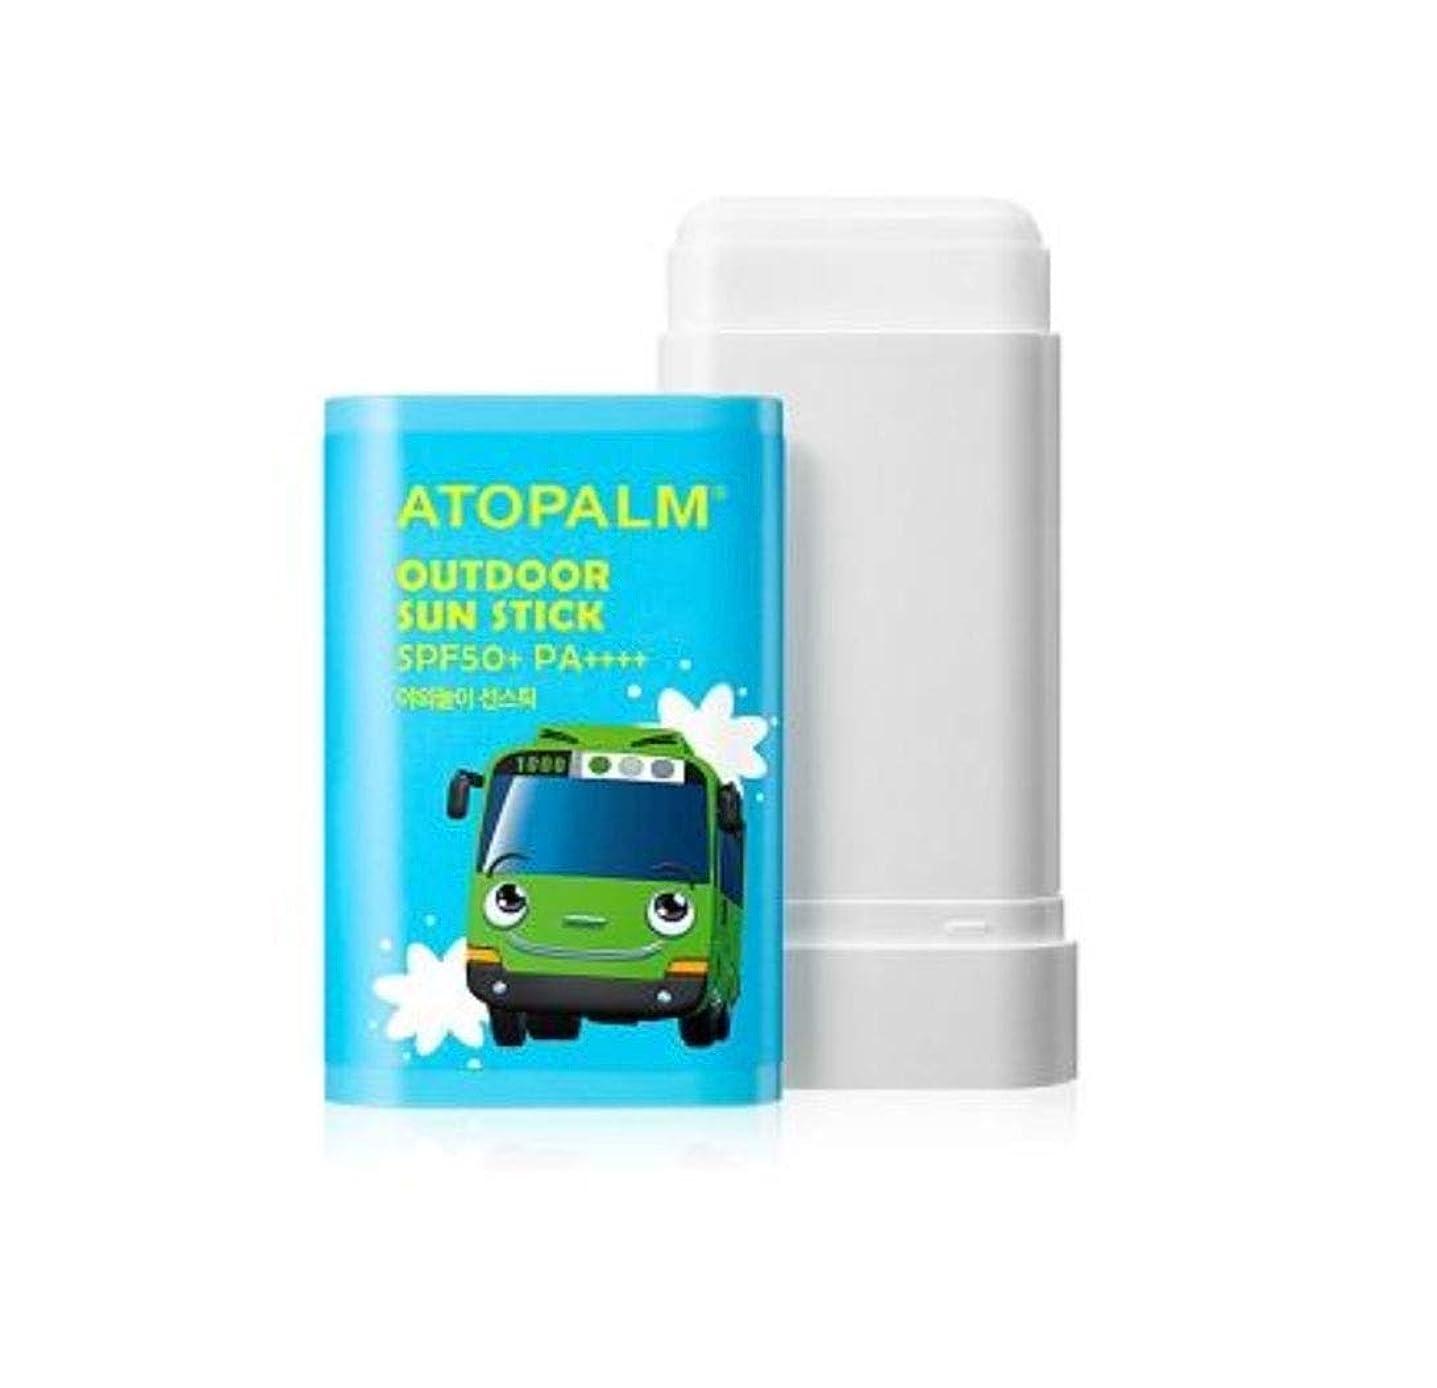 情報幸福新年ATOPALM OUTDOOR Sun Stick (EWG all green grade!) SPF50+ PA++++ 日焼け止めパーフェクトUVネック?手?足の甲?部分的に塗って修正スティック [並行輸入品]